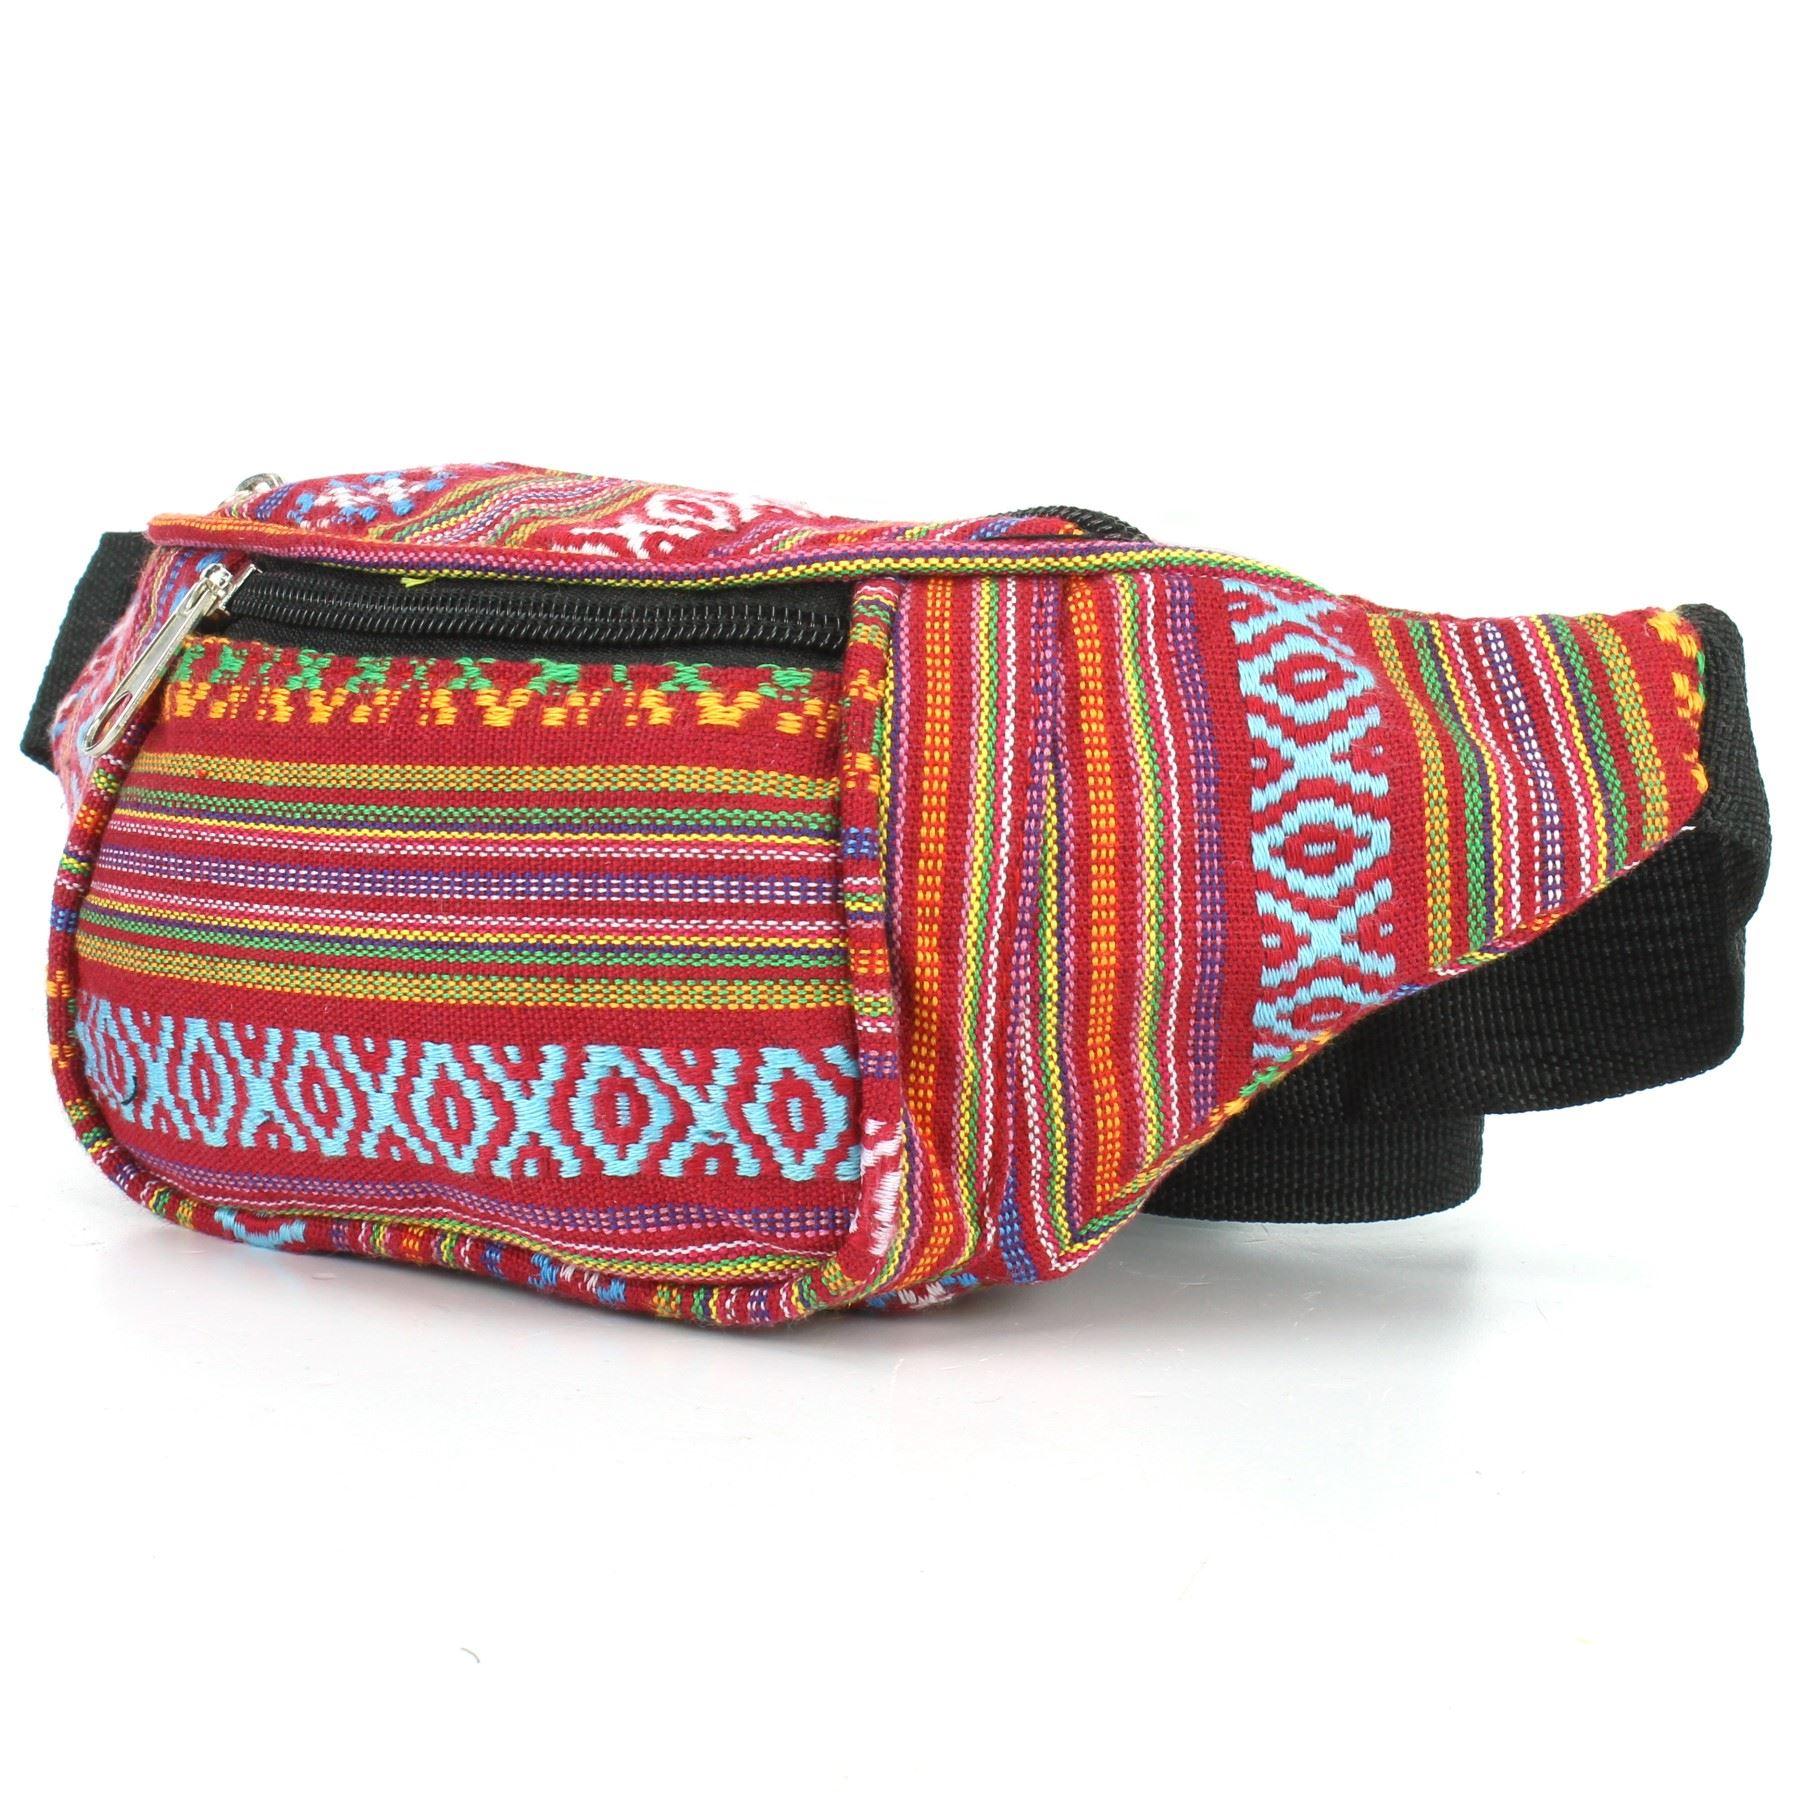 Detalles de Riñonera Dinero Cinturón Fanny Paquete Bolsa Lona Cintura Hippy Festival